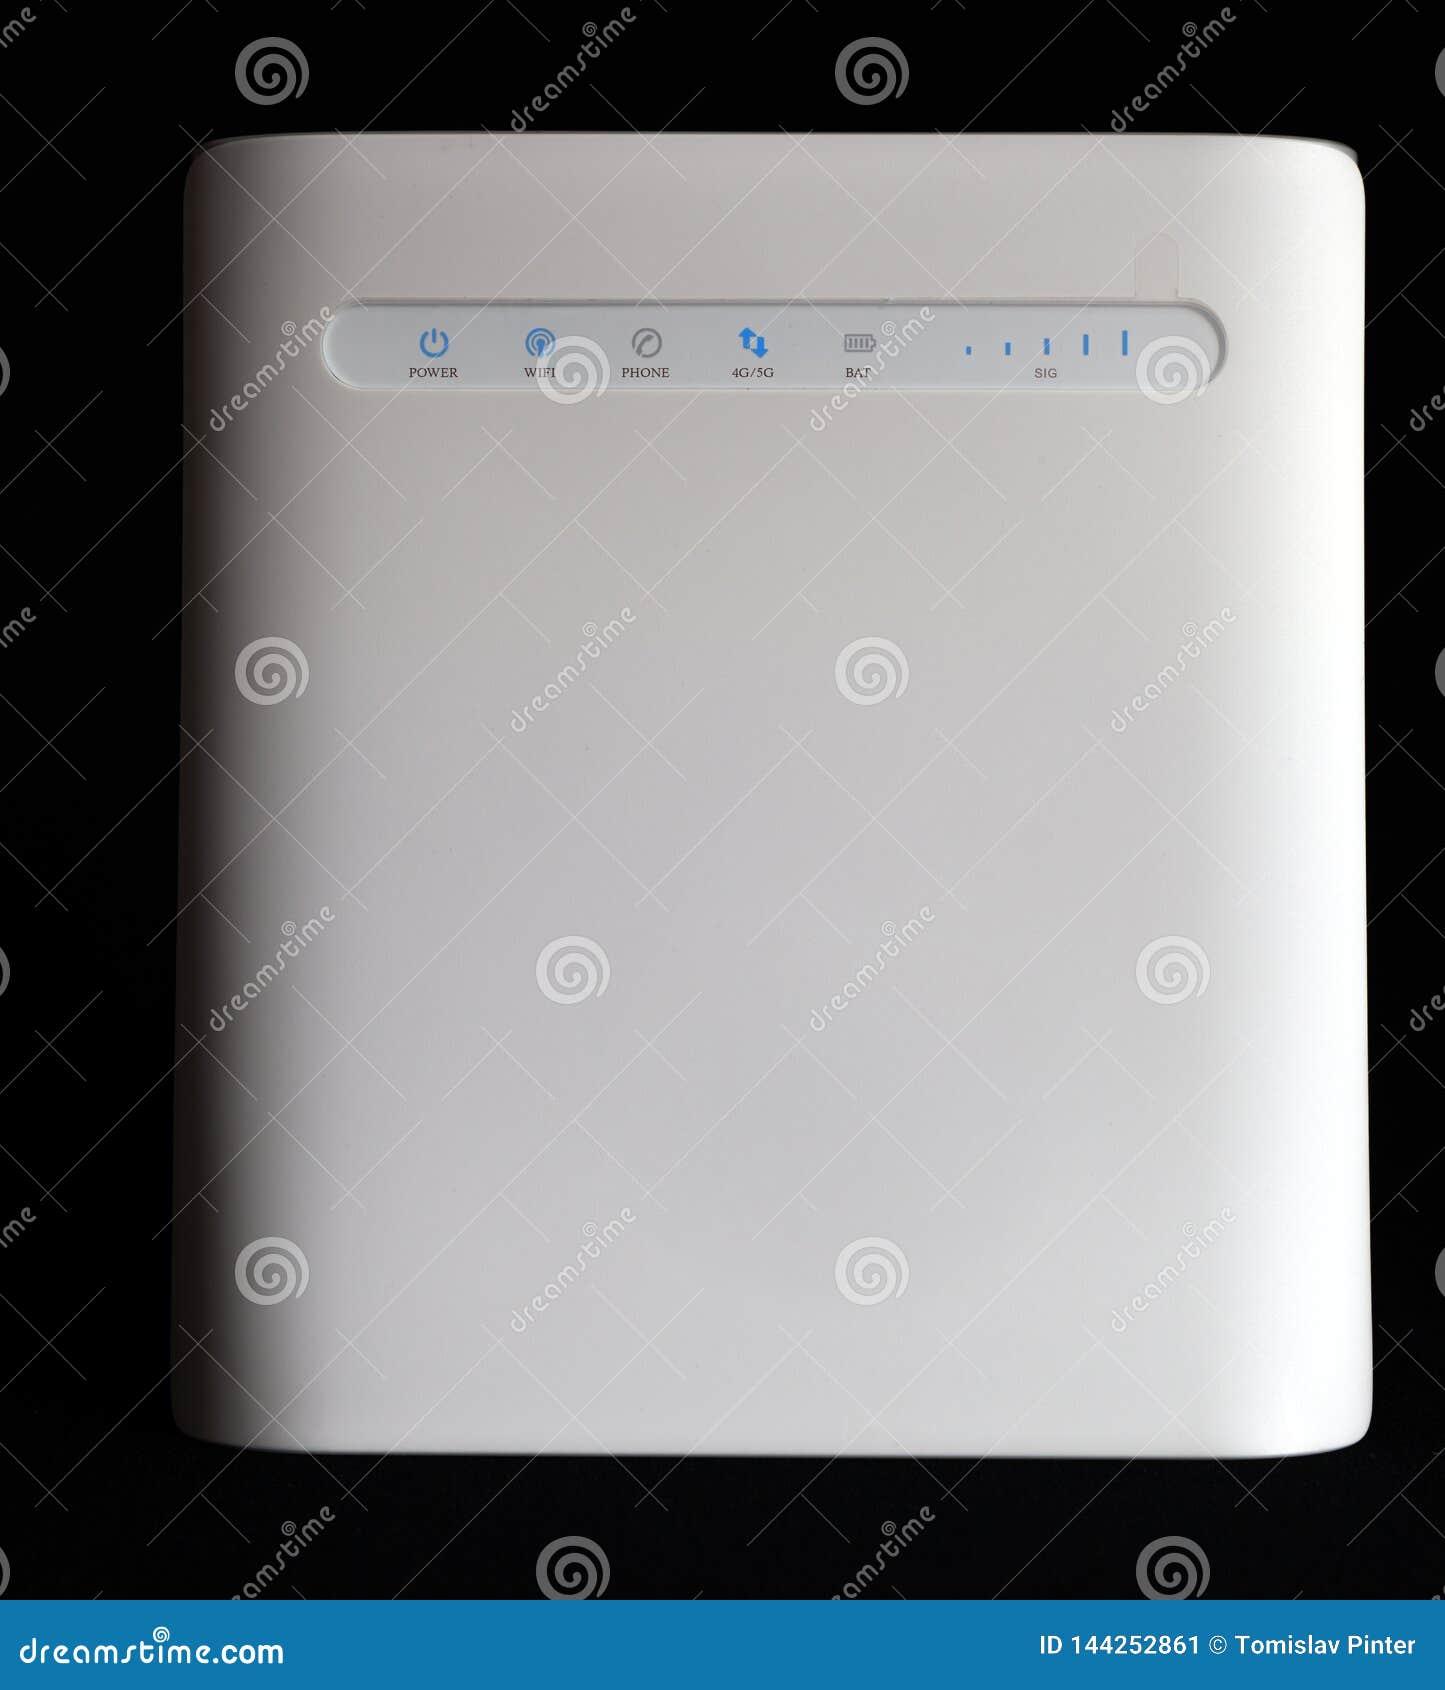 5G διαποδιαμορφωτής και δρομολογητής